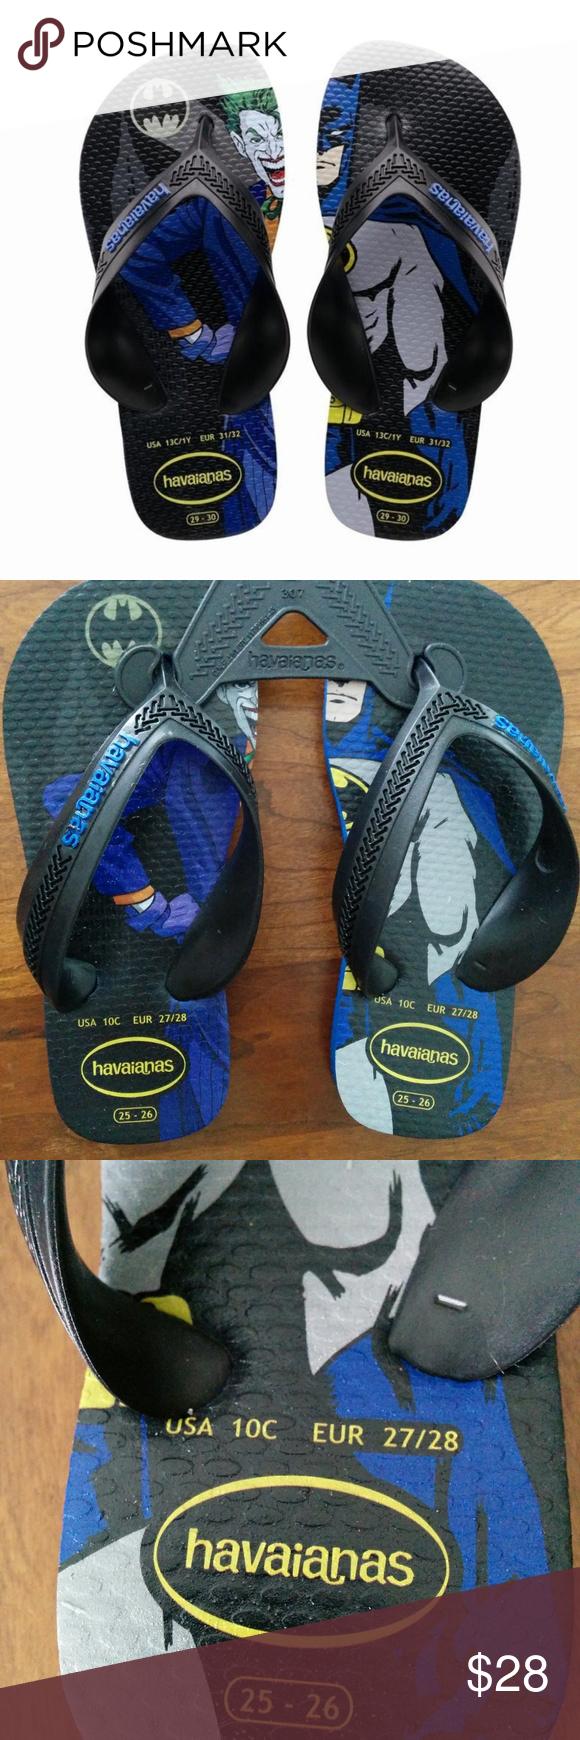 deb1d16dbf159 Havaianas Flip Flops KIDS Batman Joker 3 Years Beautiful Flip Flops for  your Kids. Comfortable